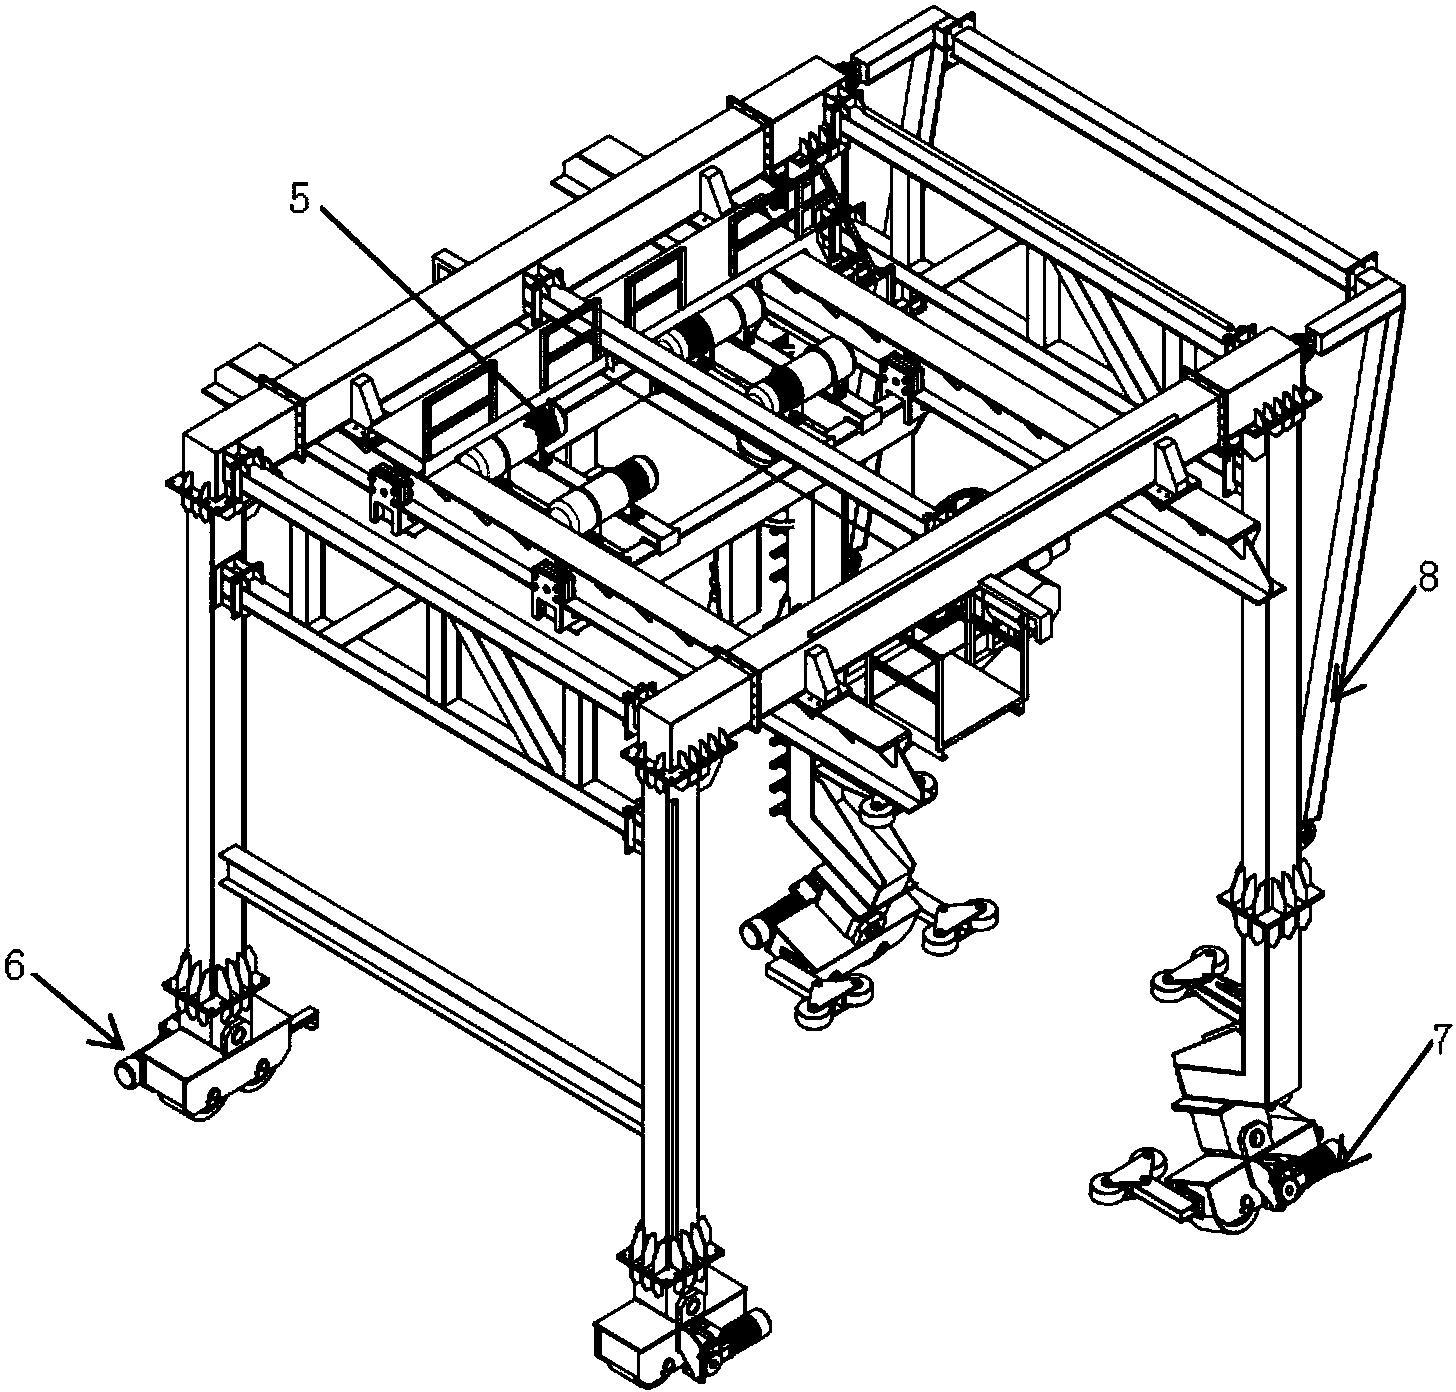 工程图 简笔画 平面图 手绘 线稿 1456_1392